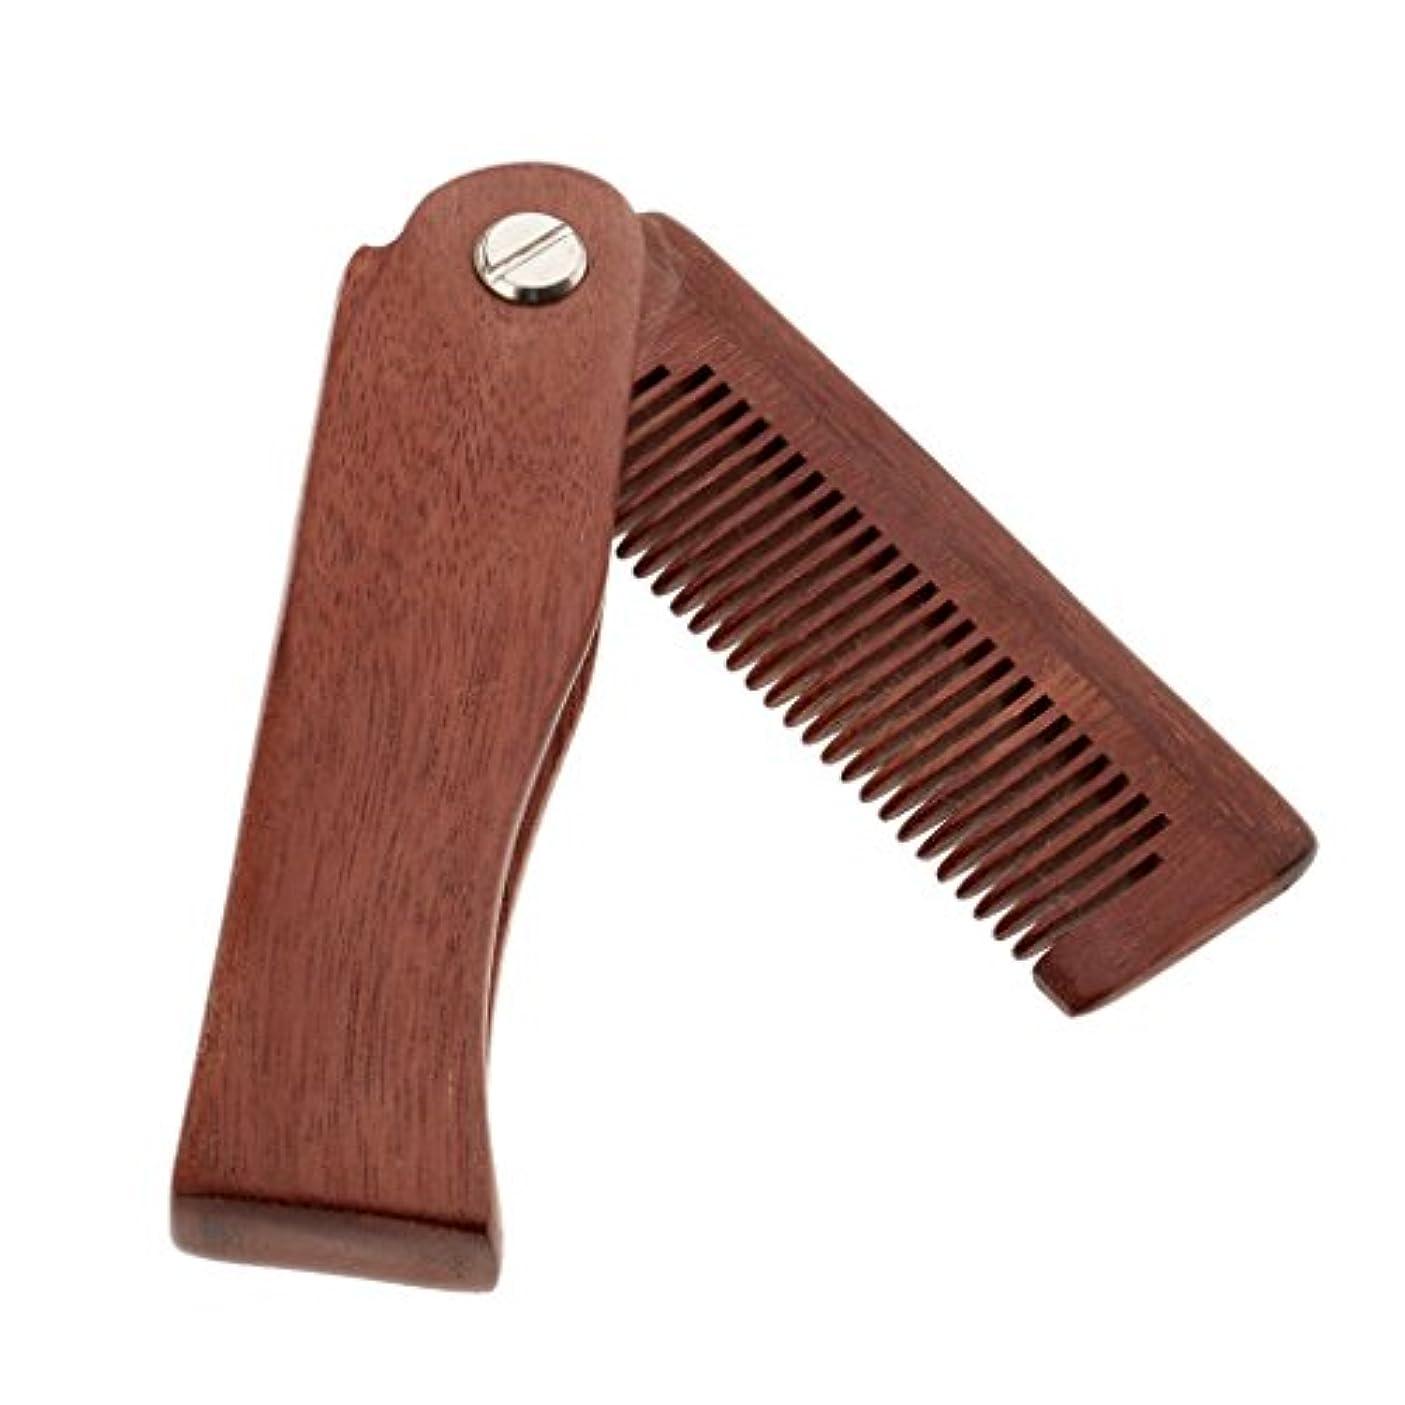 満足できるどんよりしたシーボードひげ剃り櫛 コーム 木製櫛 折りたたみ メンズ 毛ひげの櫛